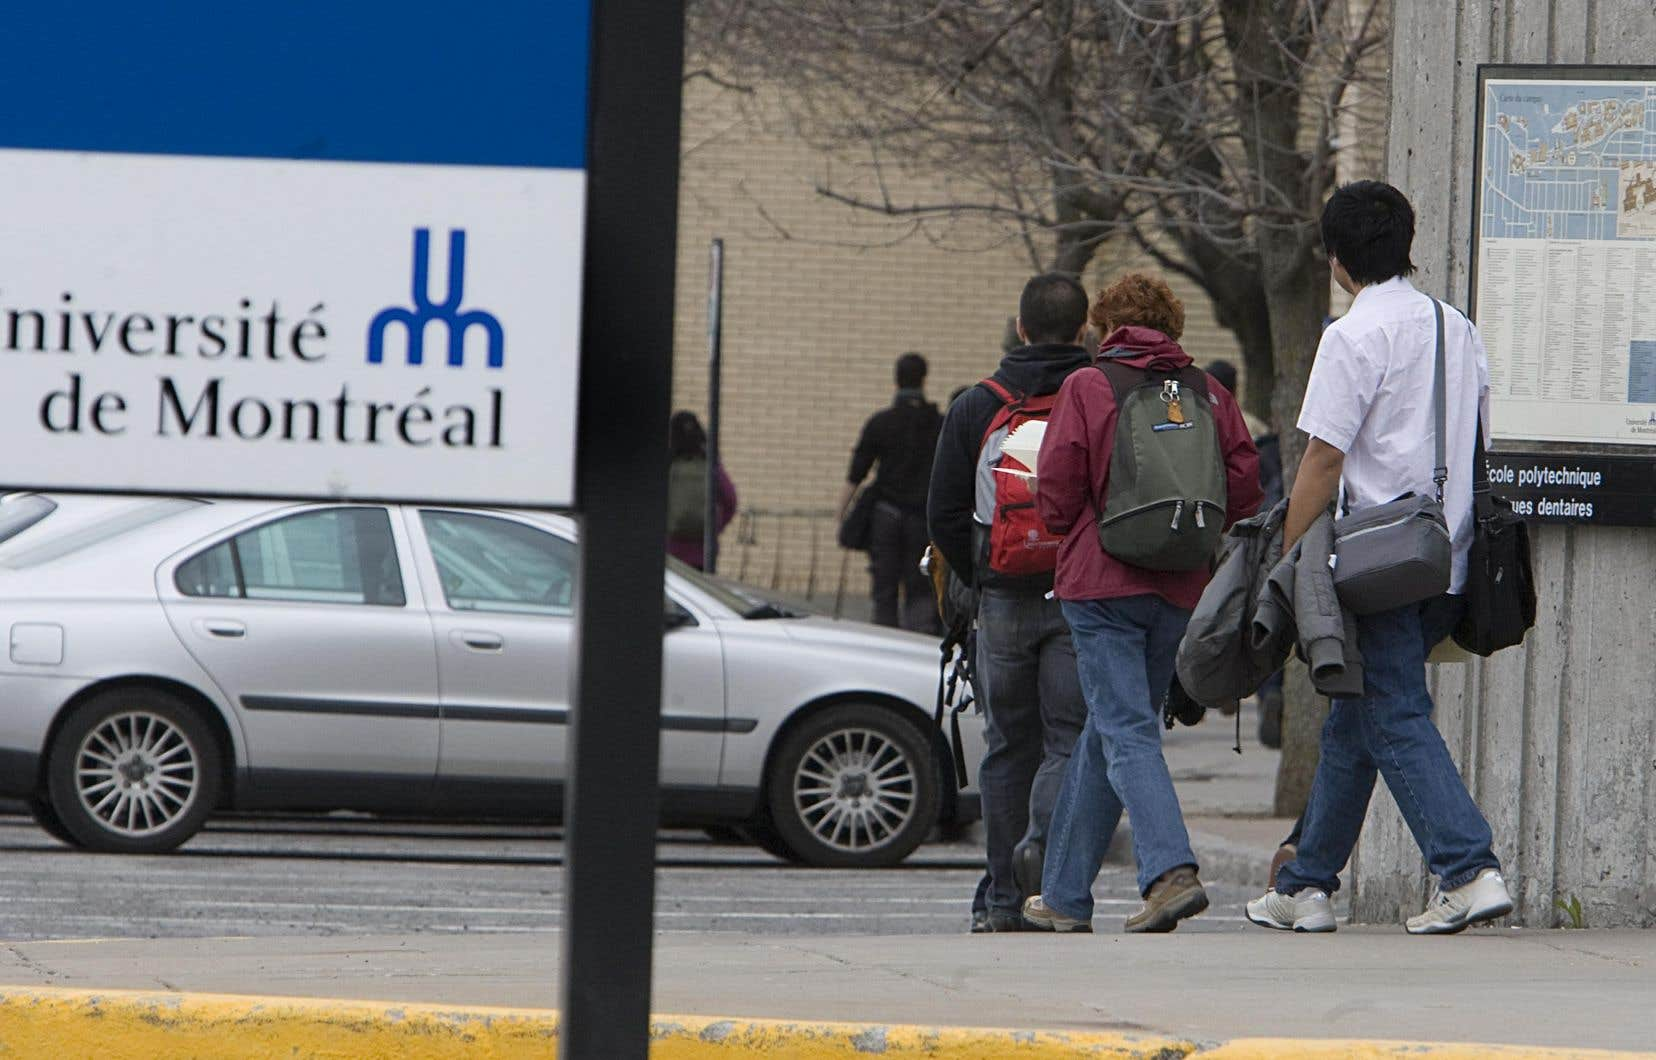 Il n'est pas normal que les professeures et les professeurs de l'Université de Montréal continuent de bénéficier du privilège de n'être jugés que par des pairs, soulignent les auteurs.